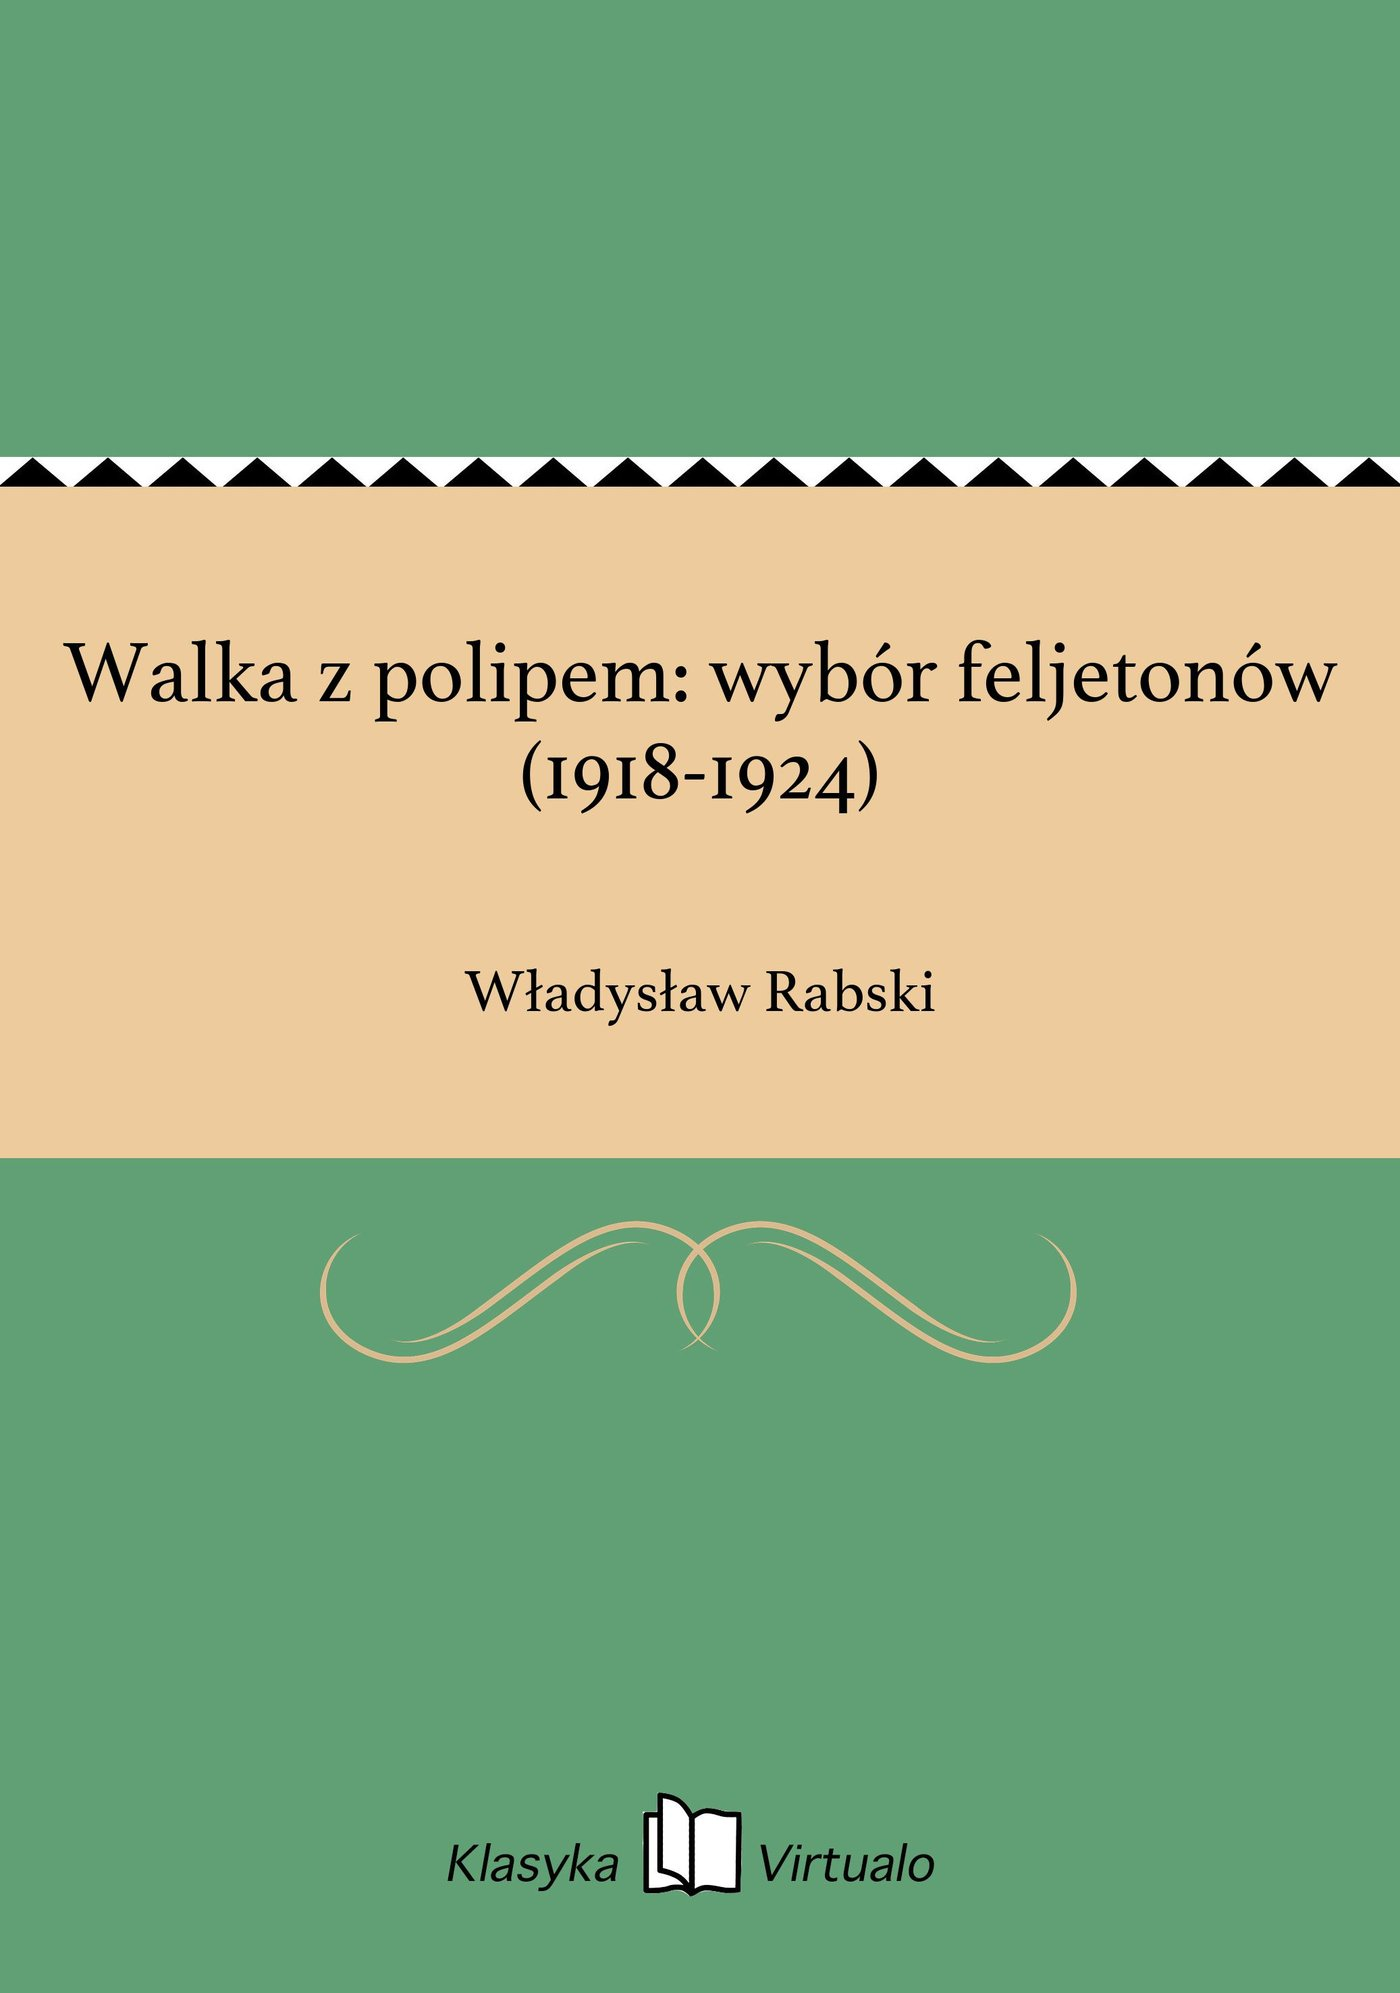 Walka z polipem: wybór feljetonów (1918-1924) - Ebook (Książka EPUB) do pobrania w formacie EPUB